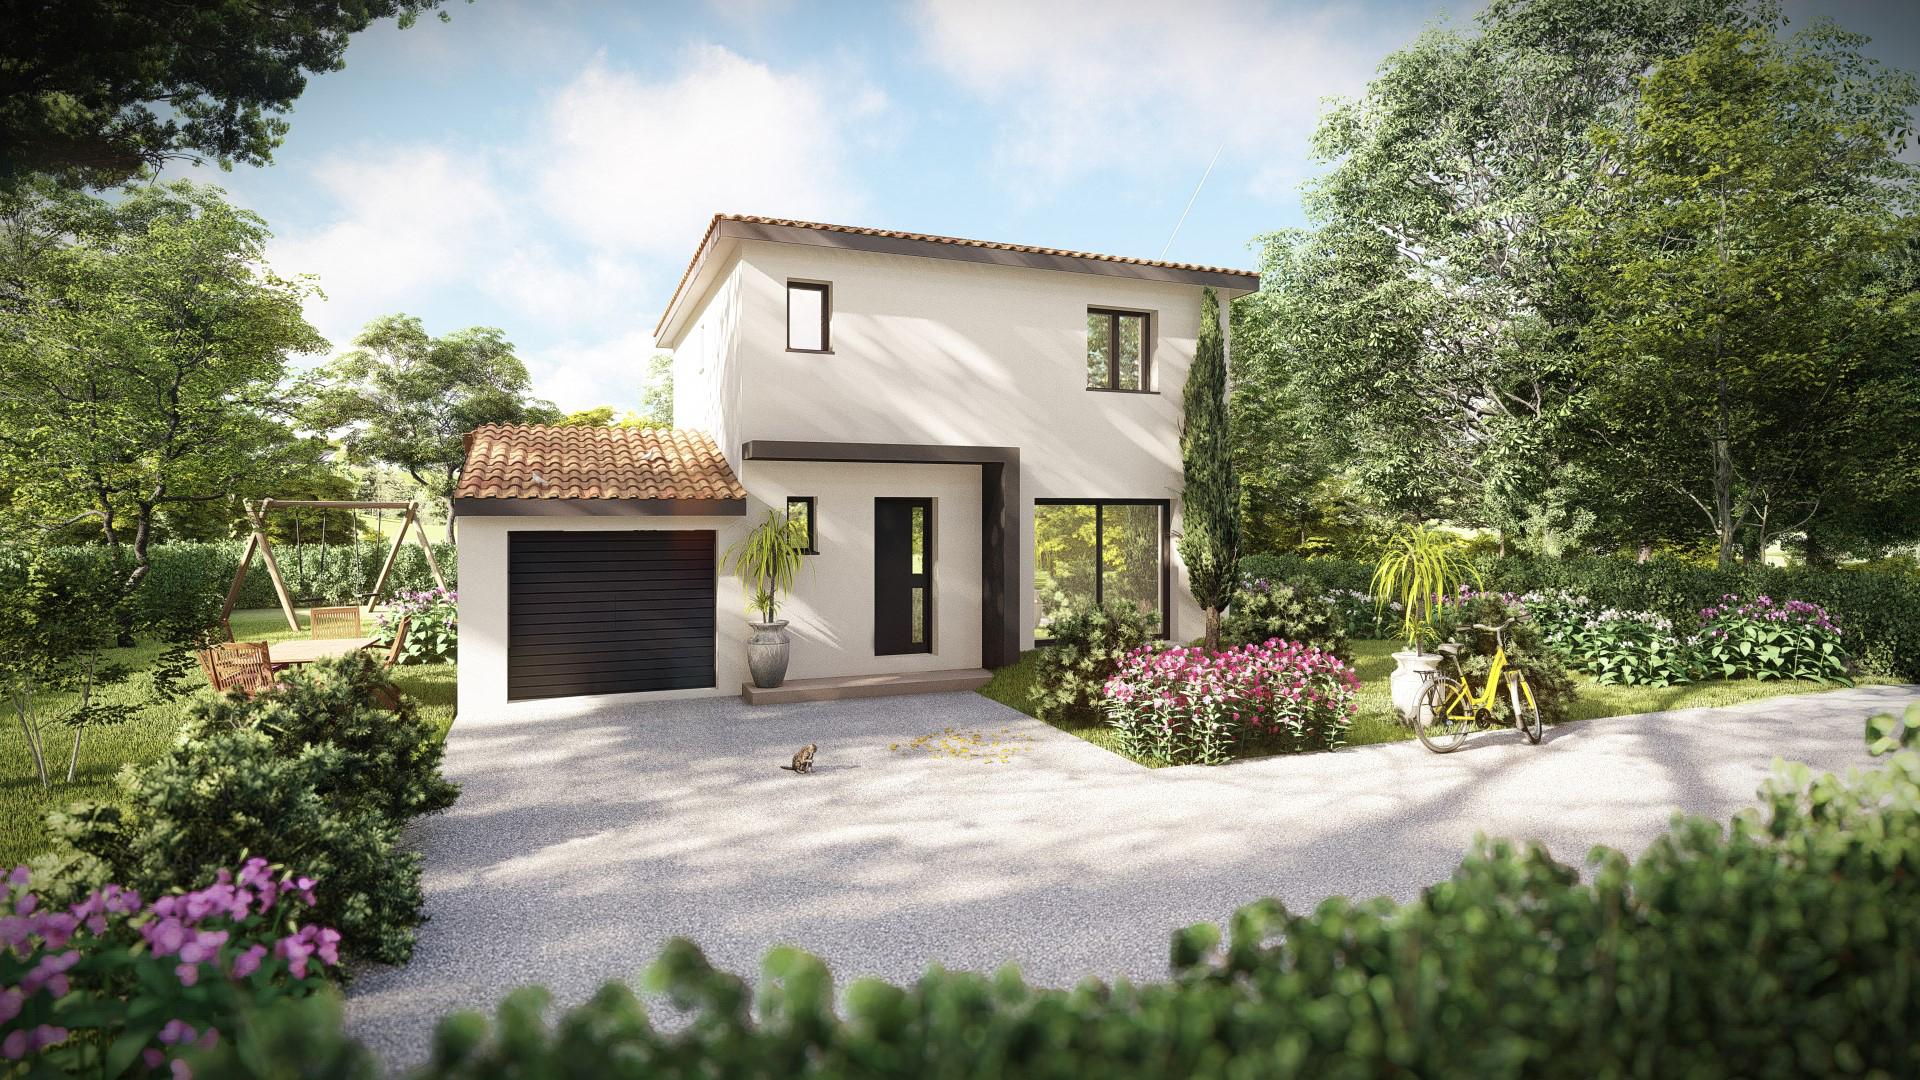 Maisons + Terrains du constructeur MV PROMOTION • 90 m² • CLAPIERS